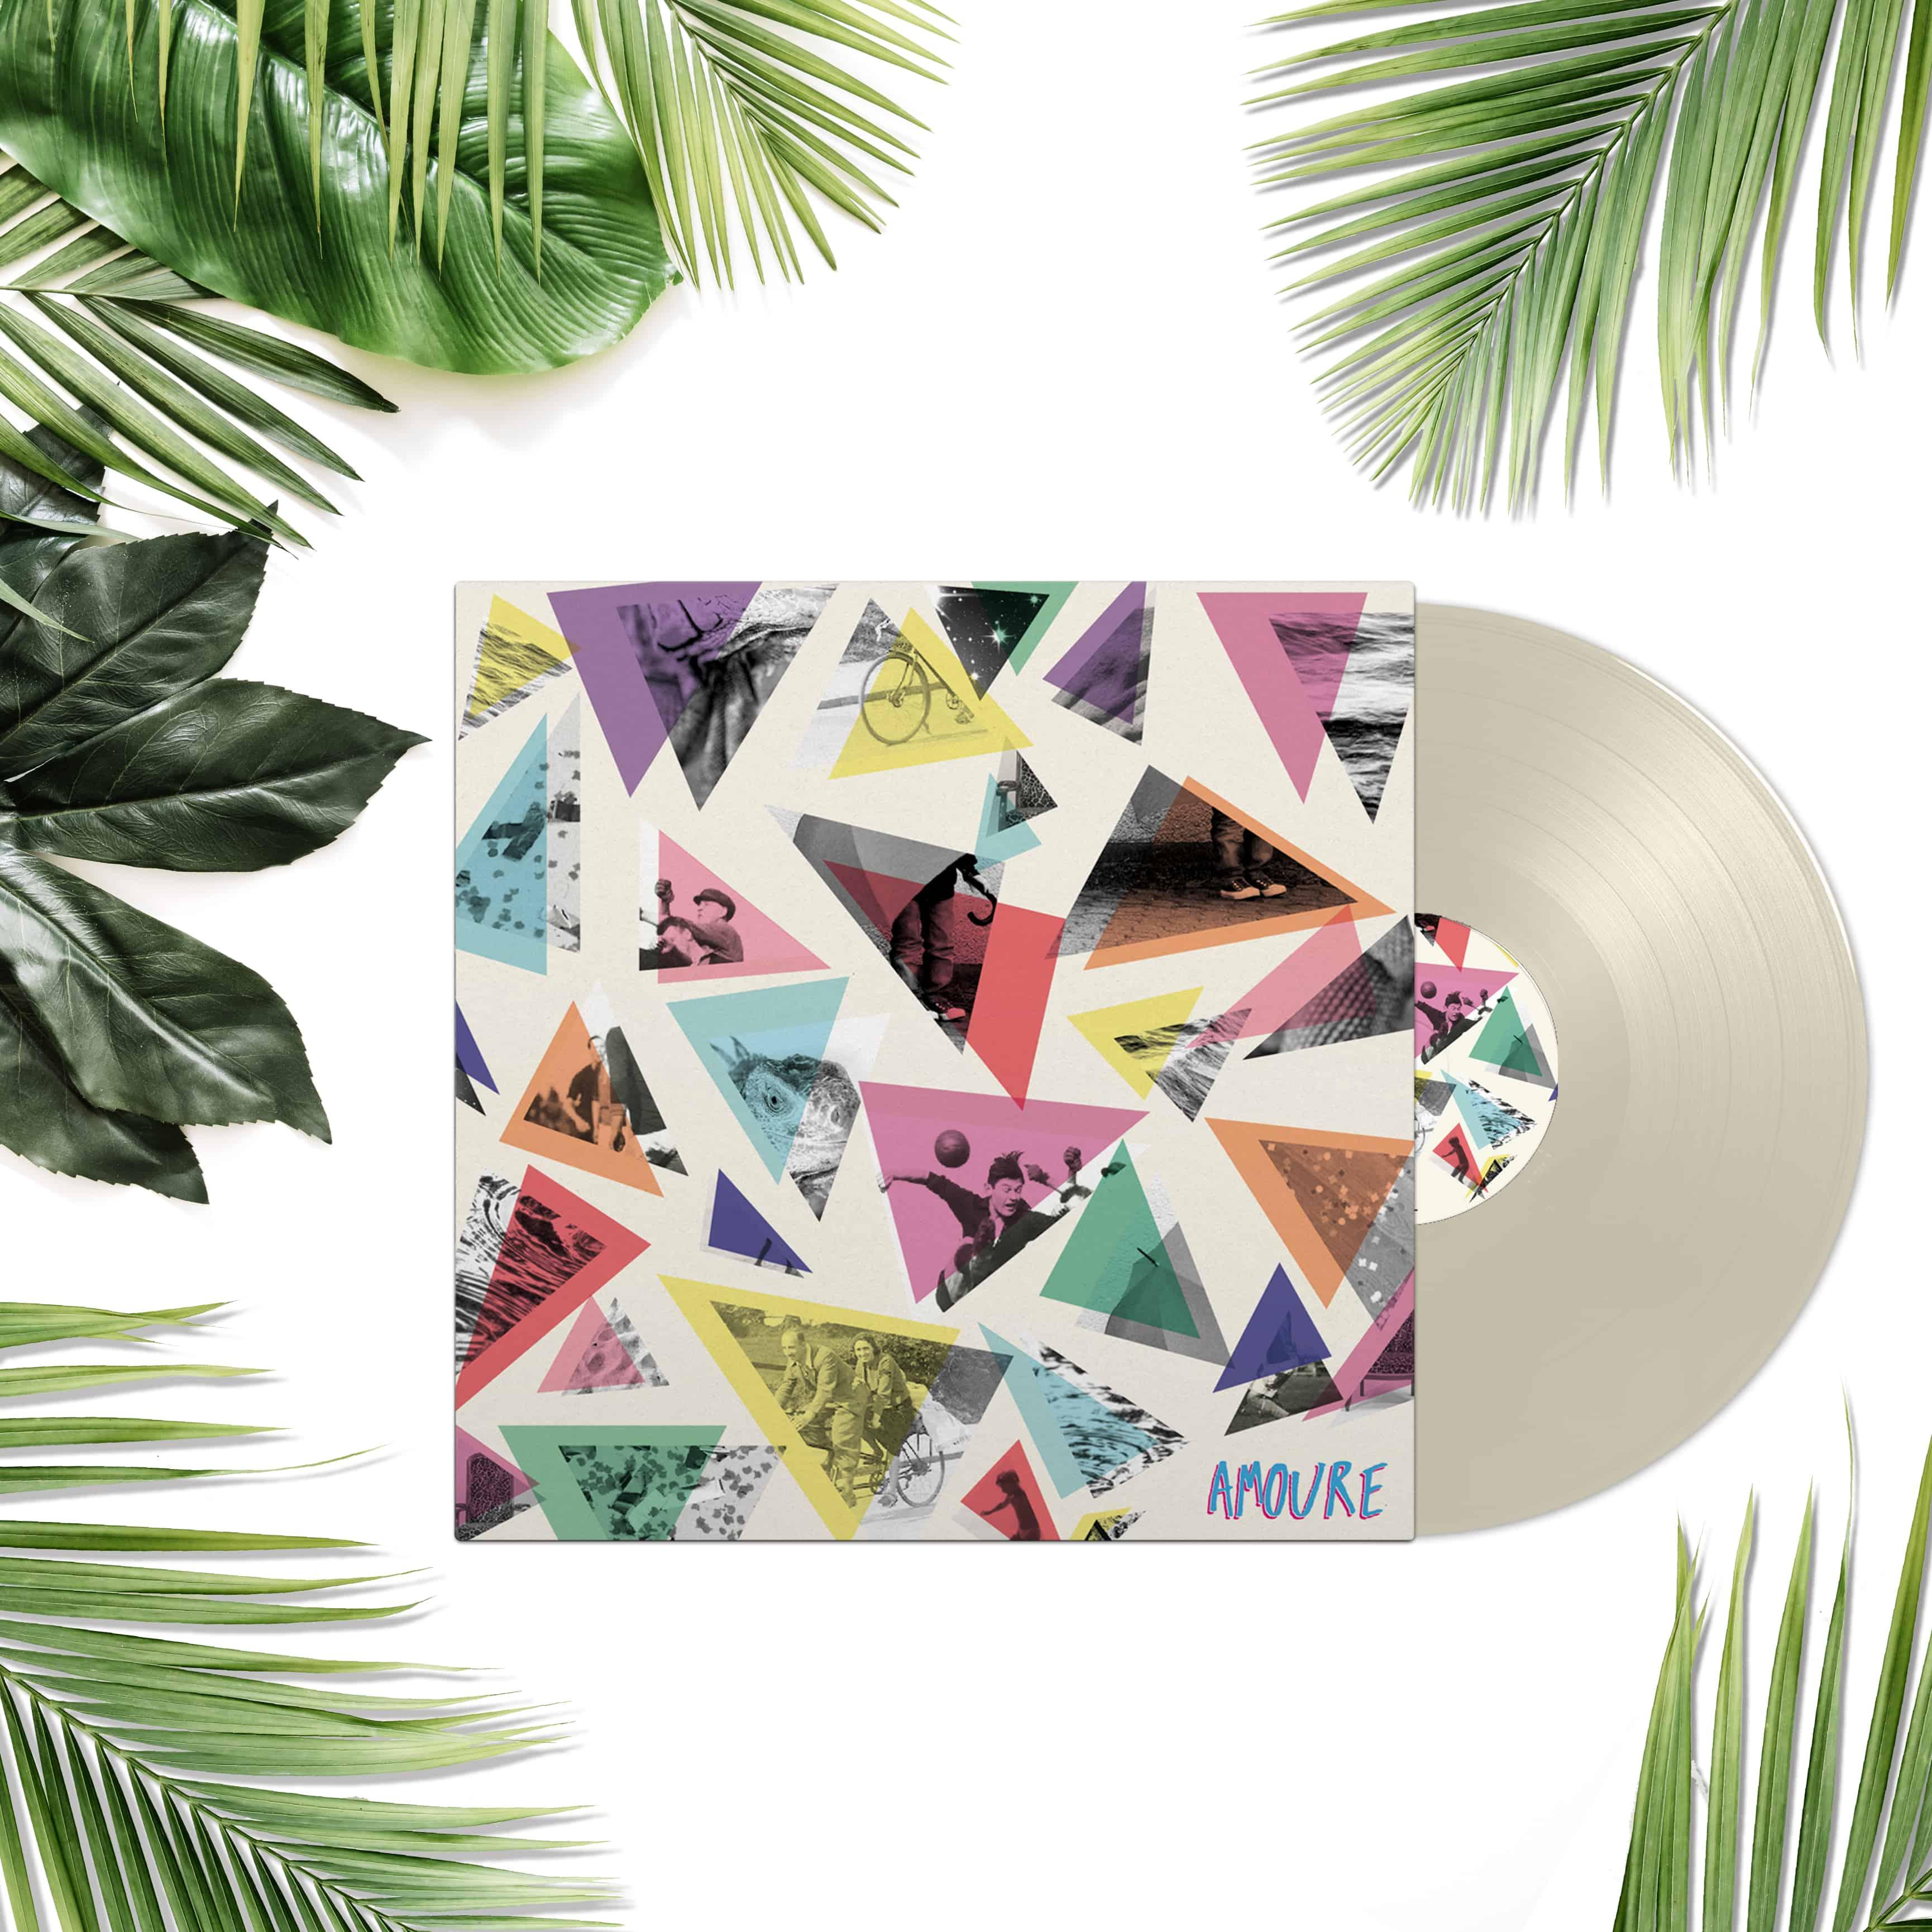 Pochette du vinyl d'Amoure formes triangulaires et photo noir et blanc